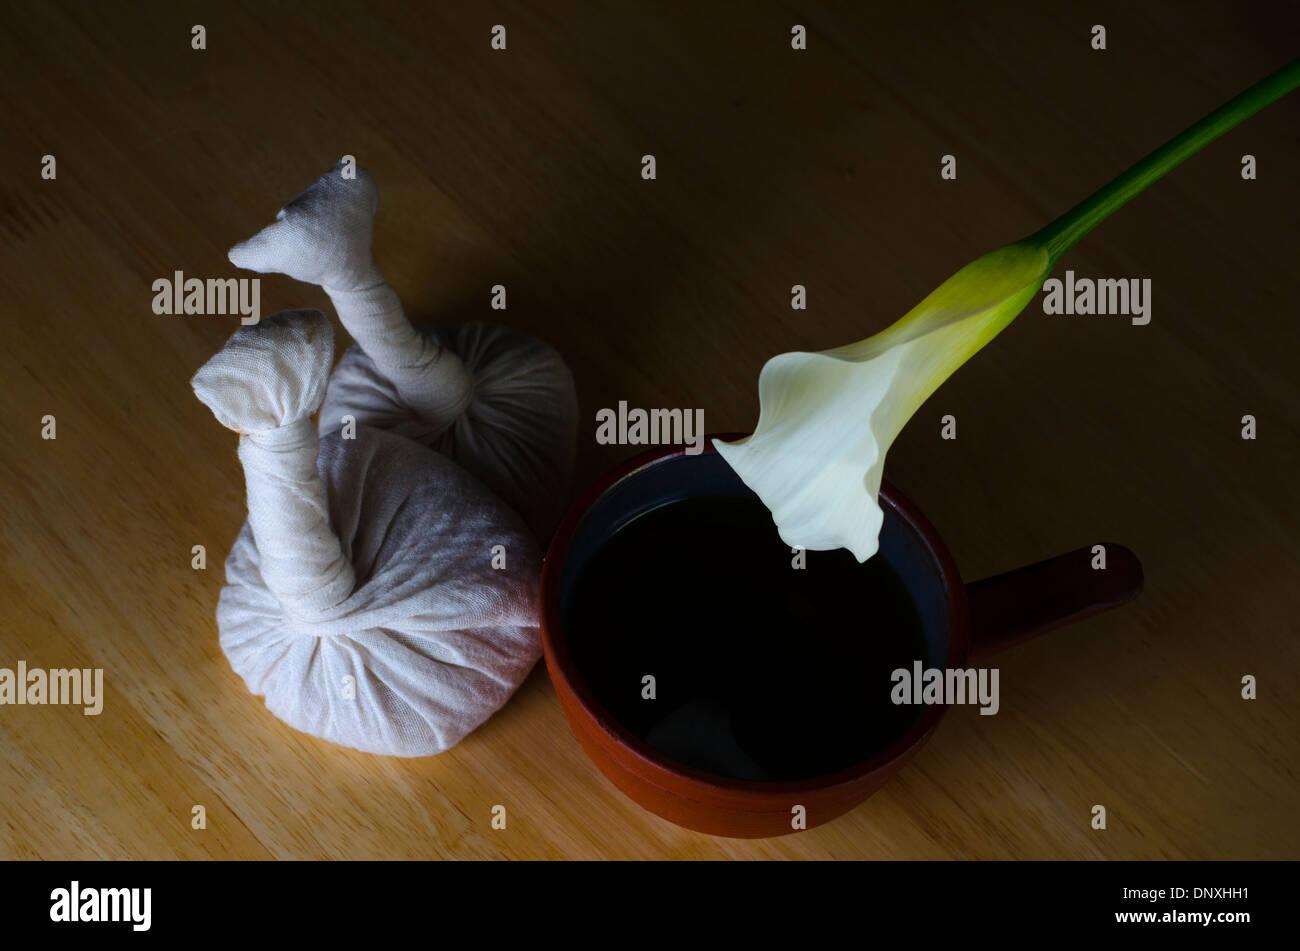 Il piano di un tavolo disposizione di massaggio ayurvedico con olio cataplasmi e esotico fiore bianco. Immagini Stock